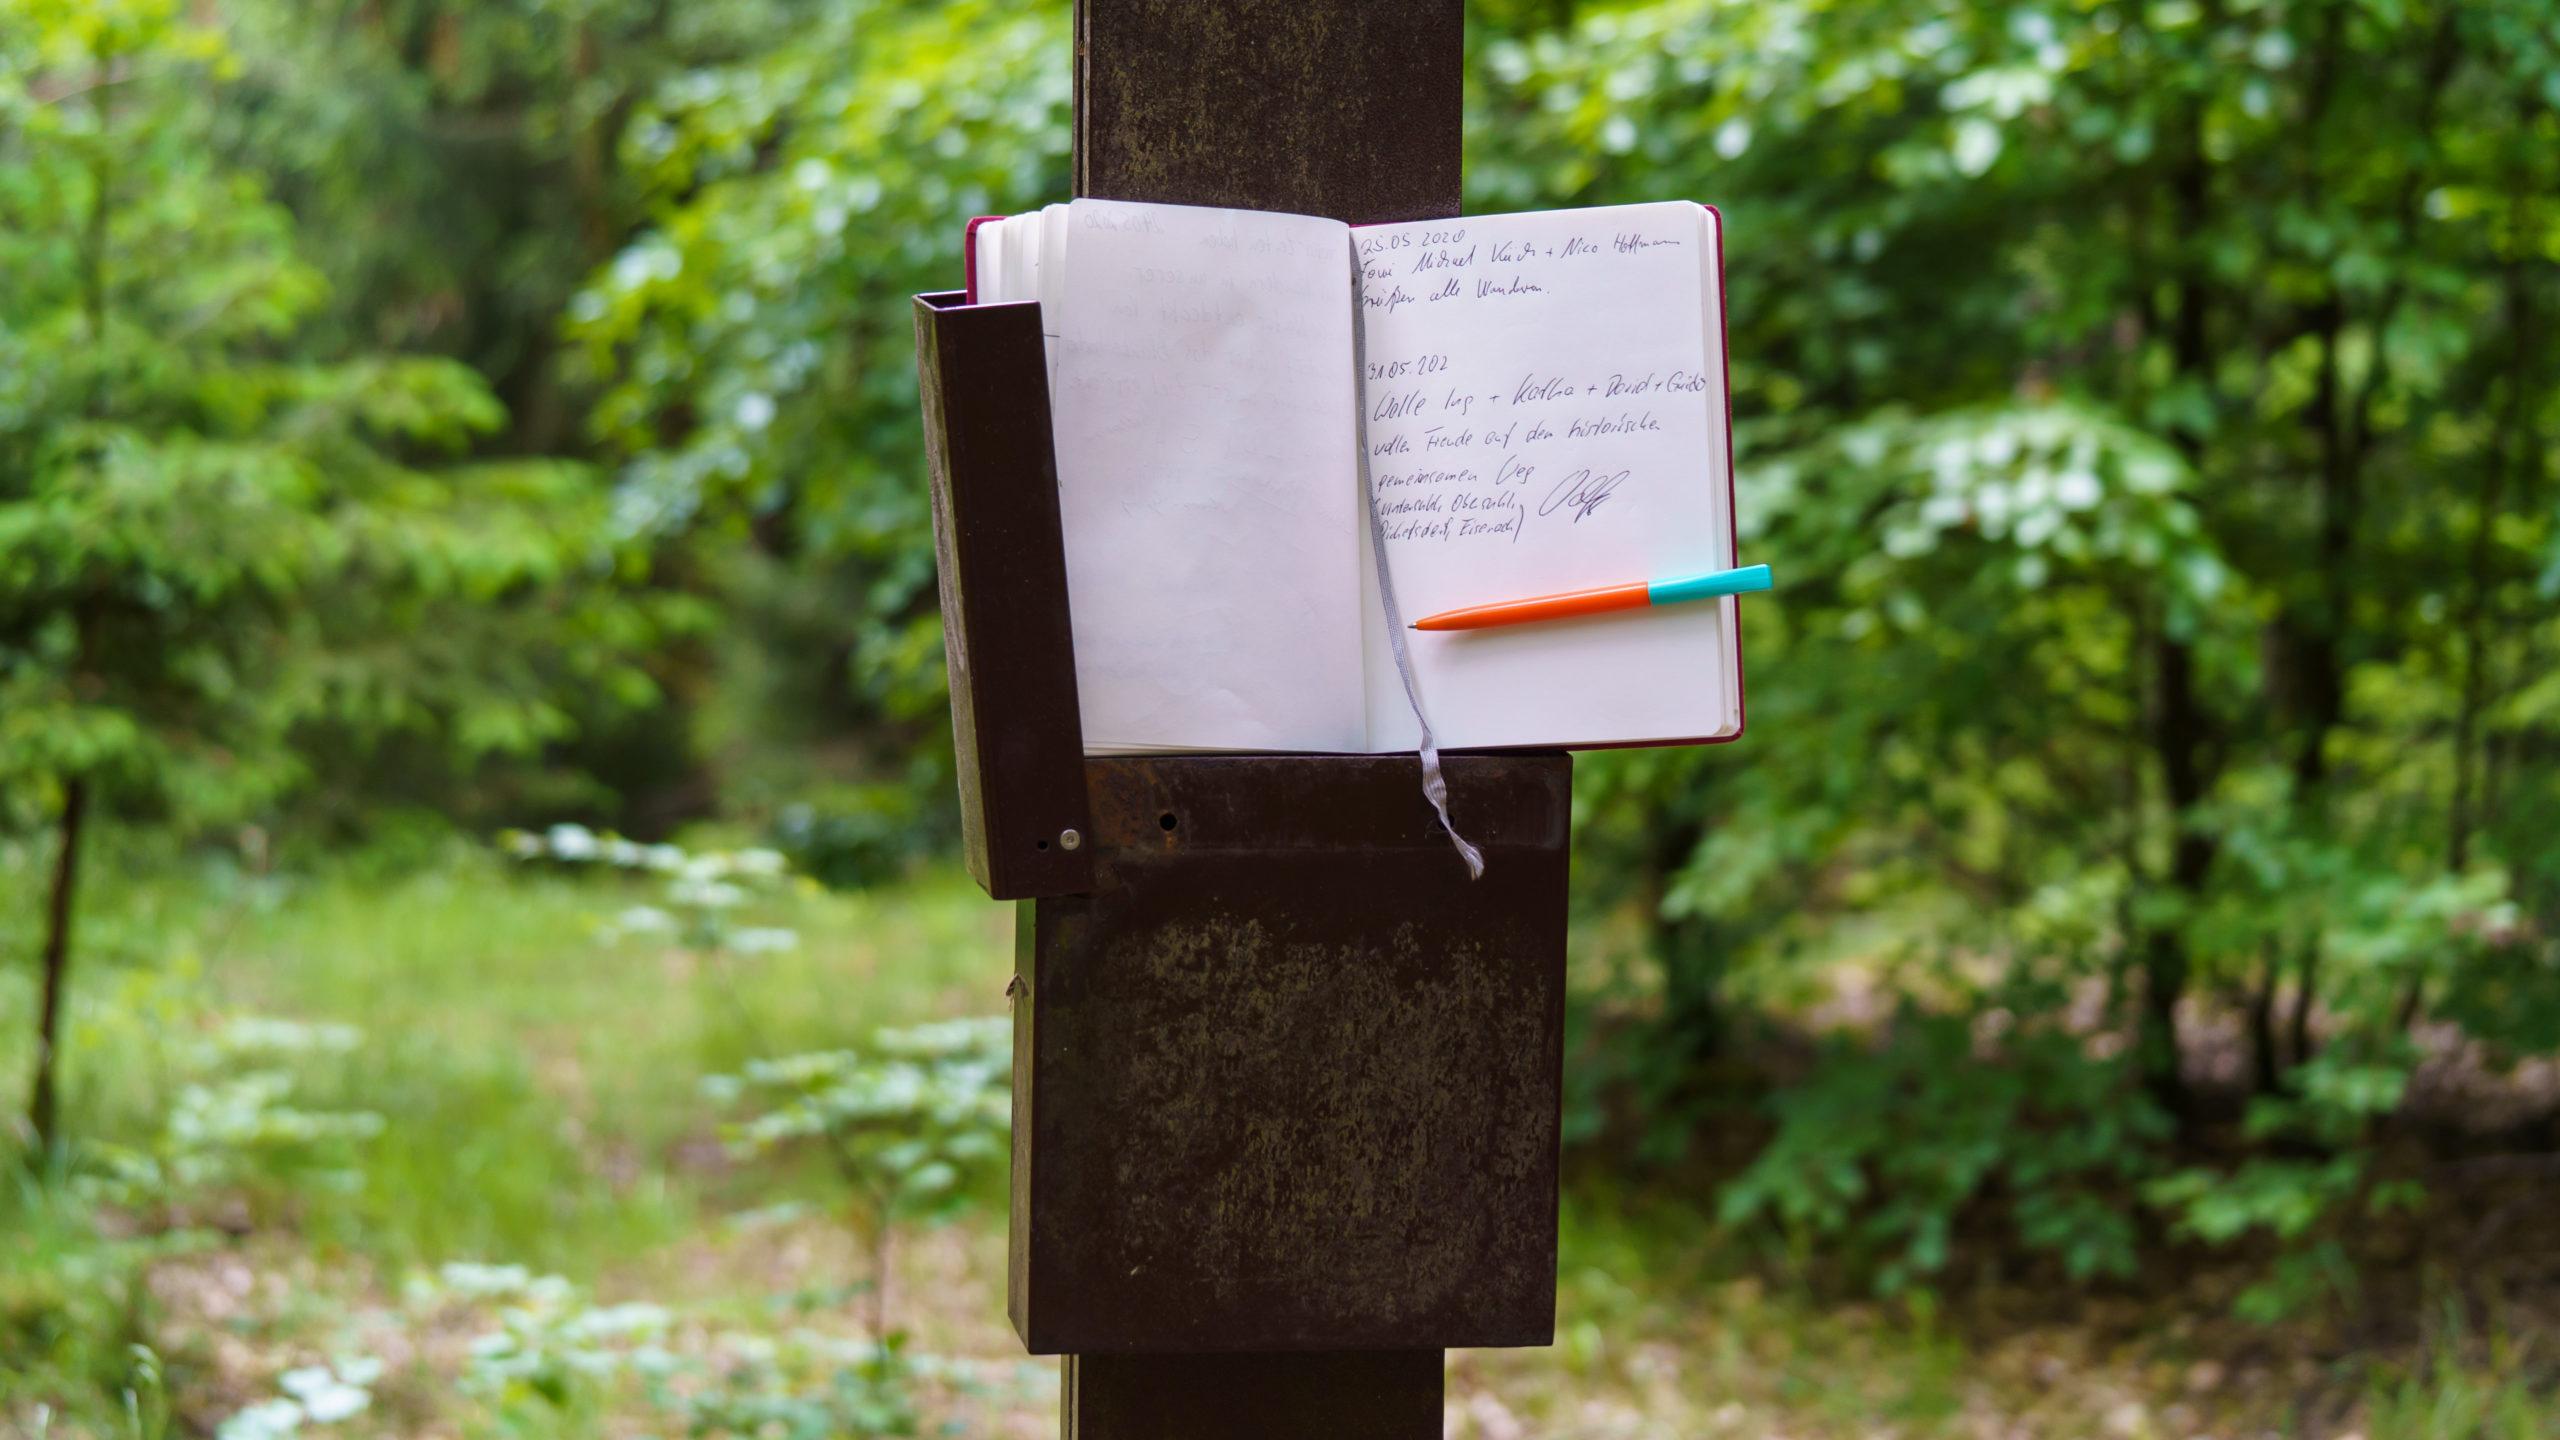 Grenzweg Gerstunger Forst, Eintrag in das Gipfelbuch am Gipfelkreuz